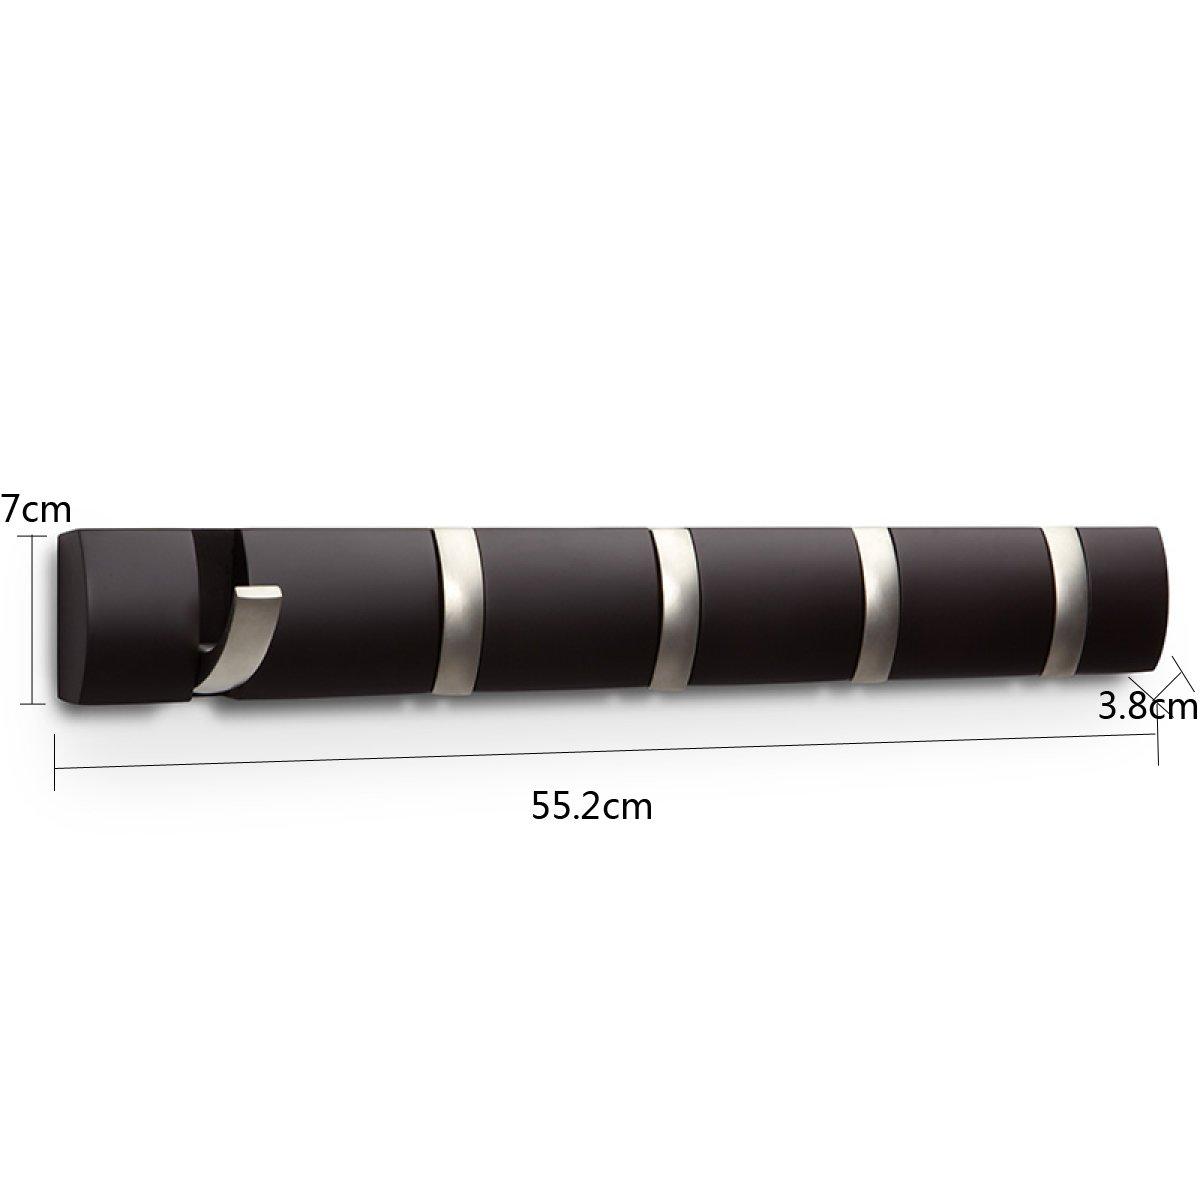 LF DD Wandhaken aus Massivholz Wand Kleiderbügel kreative Veranda Reihe von Haken (Farbe : Schwarz)